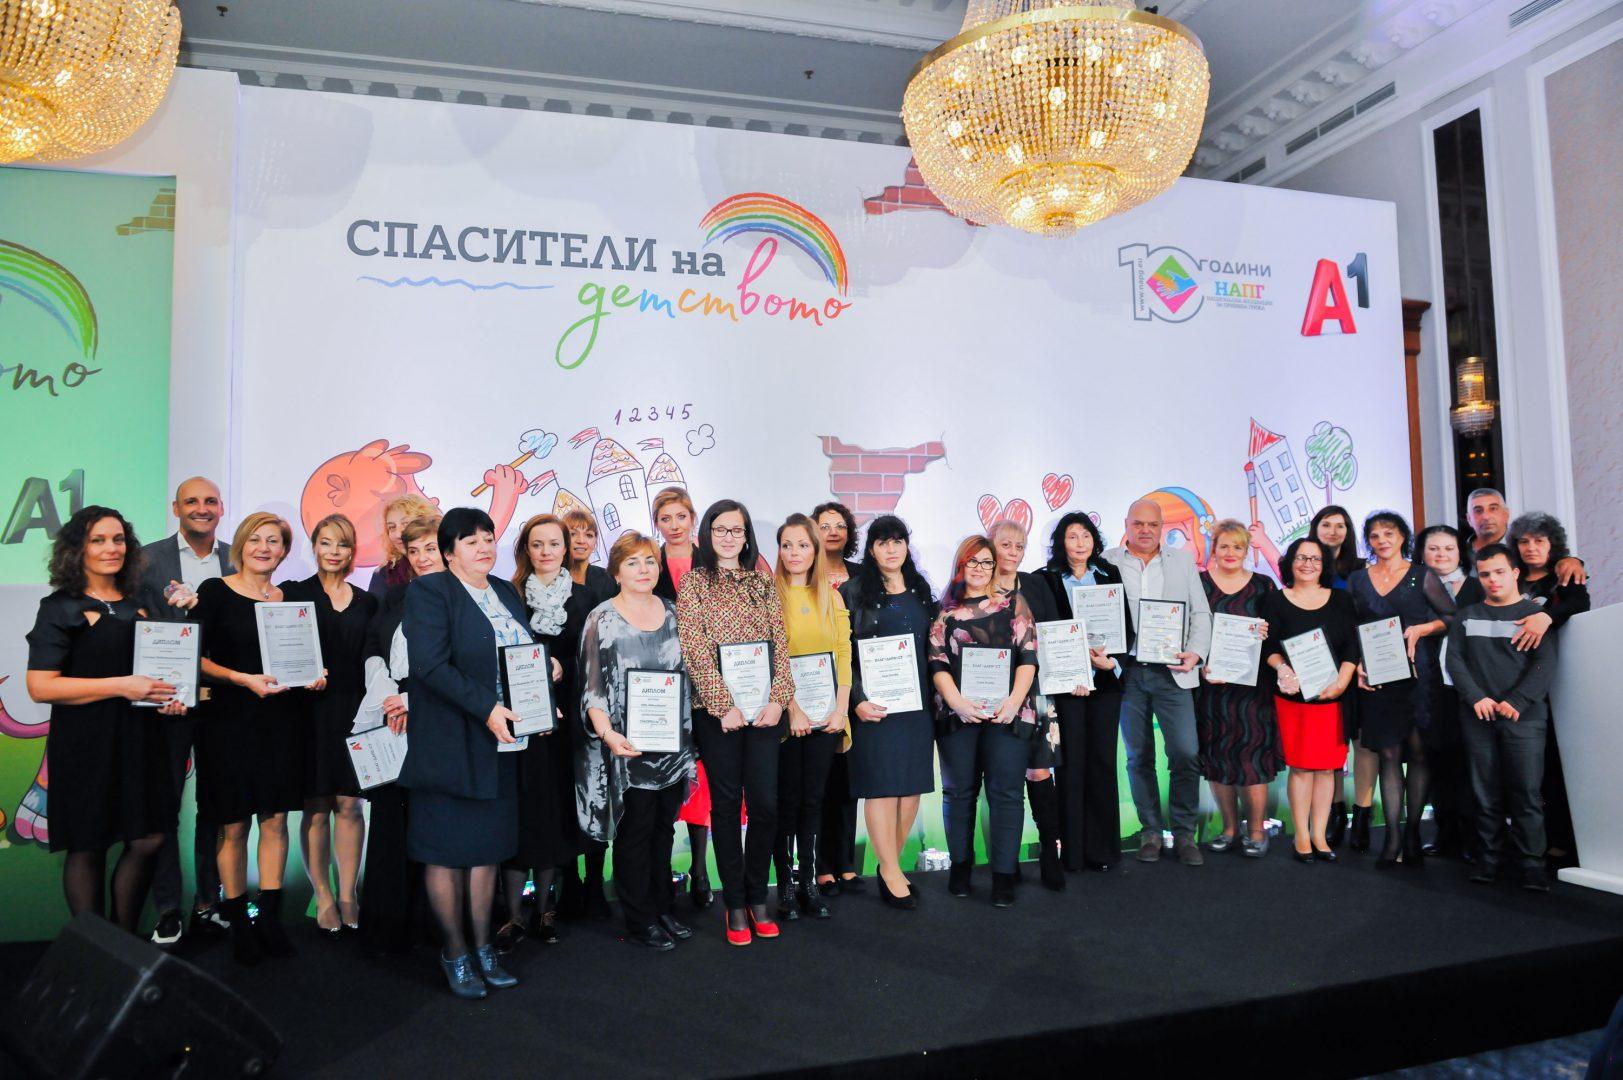 """Служителите на А1 получиха специално признание по време на наградите """"Спасители на детството"""", които се организират за шеста поредна година от Националната асоциация за приемна грижа (НАПГ). Те бяха отличени за своя принос към развитието на приемната грижа у нас."""